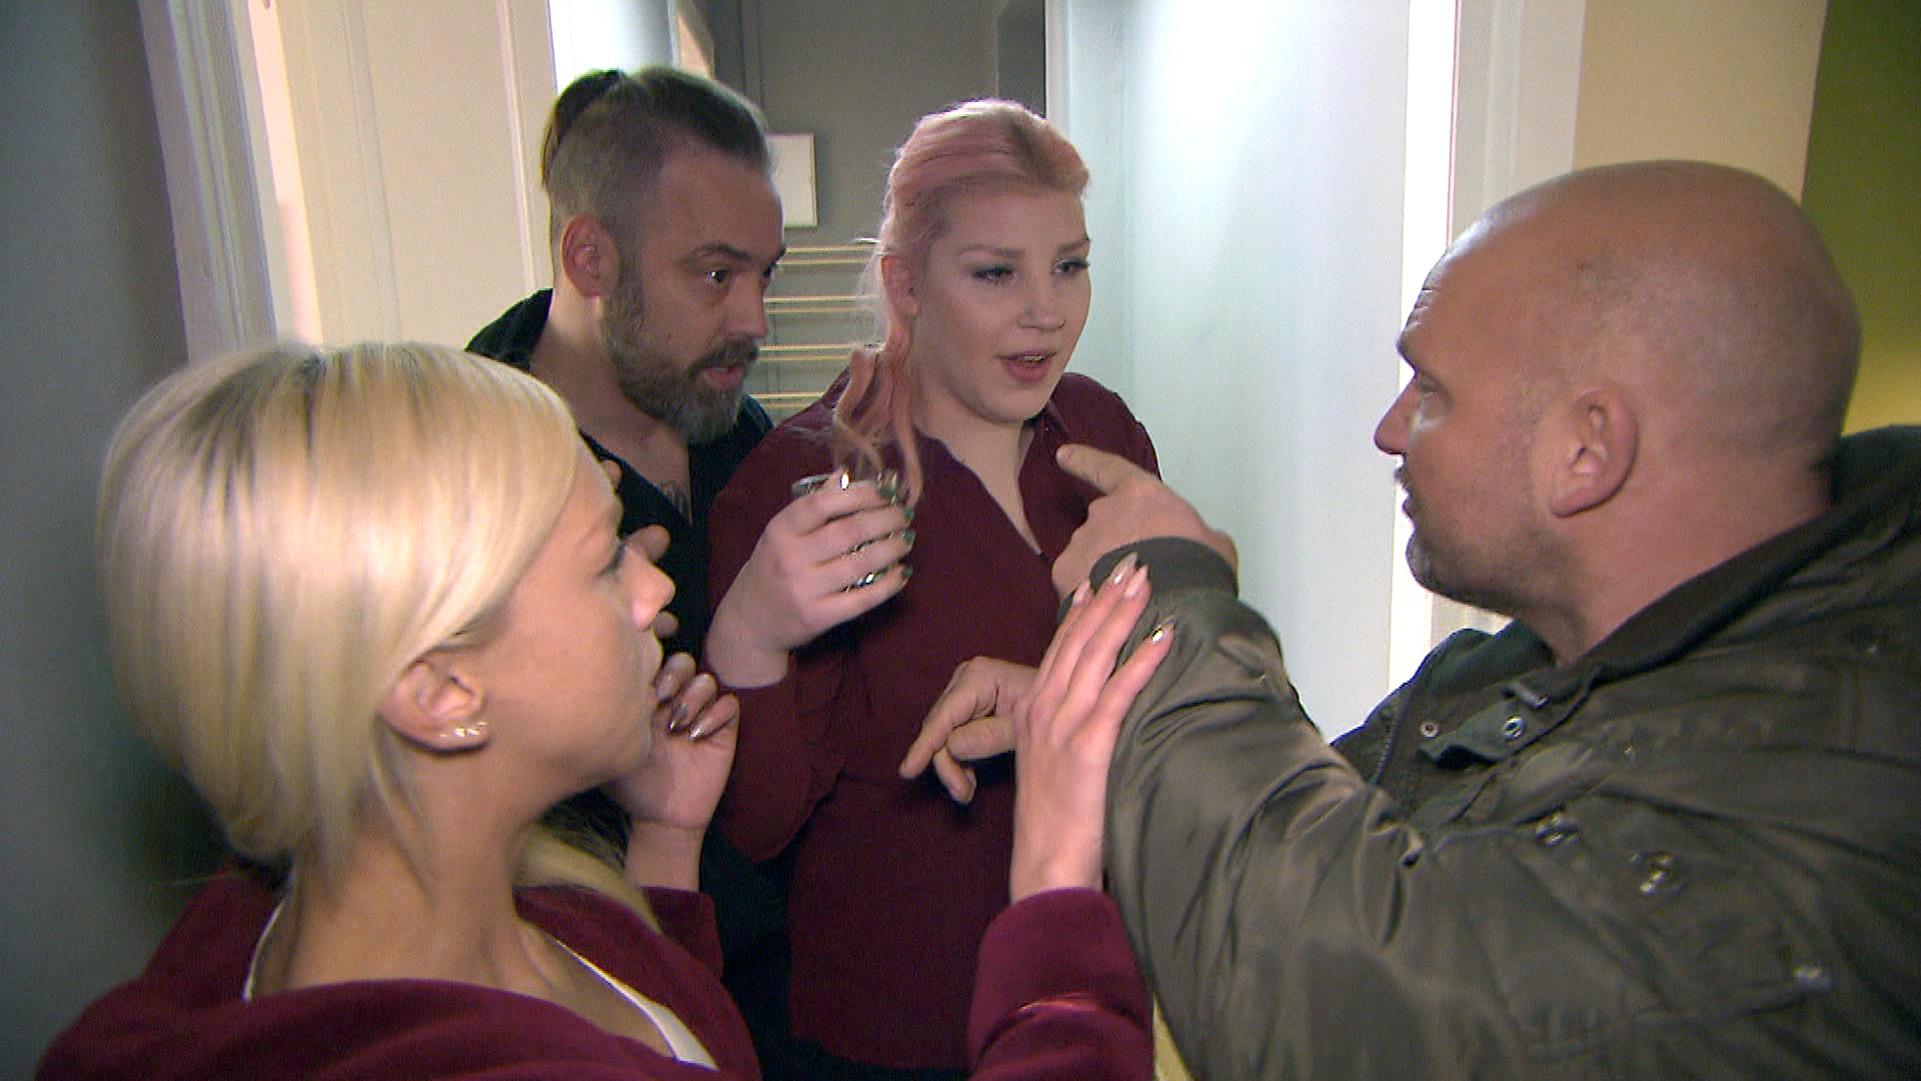 Krätze (li.) und Schmidti passiert in Bülents (re.) Späti ein Missgeschick, als sie versehentlich Onkel Gürkans heilige türkische Platte als Putzlappen missbrauchen... (Quelle: RTL 2)